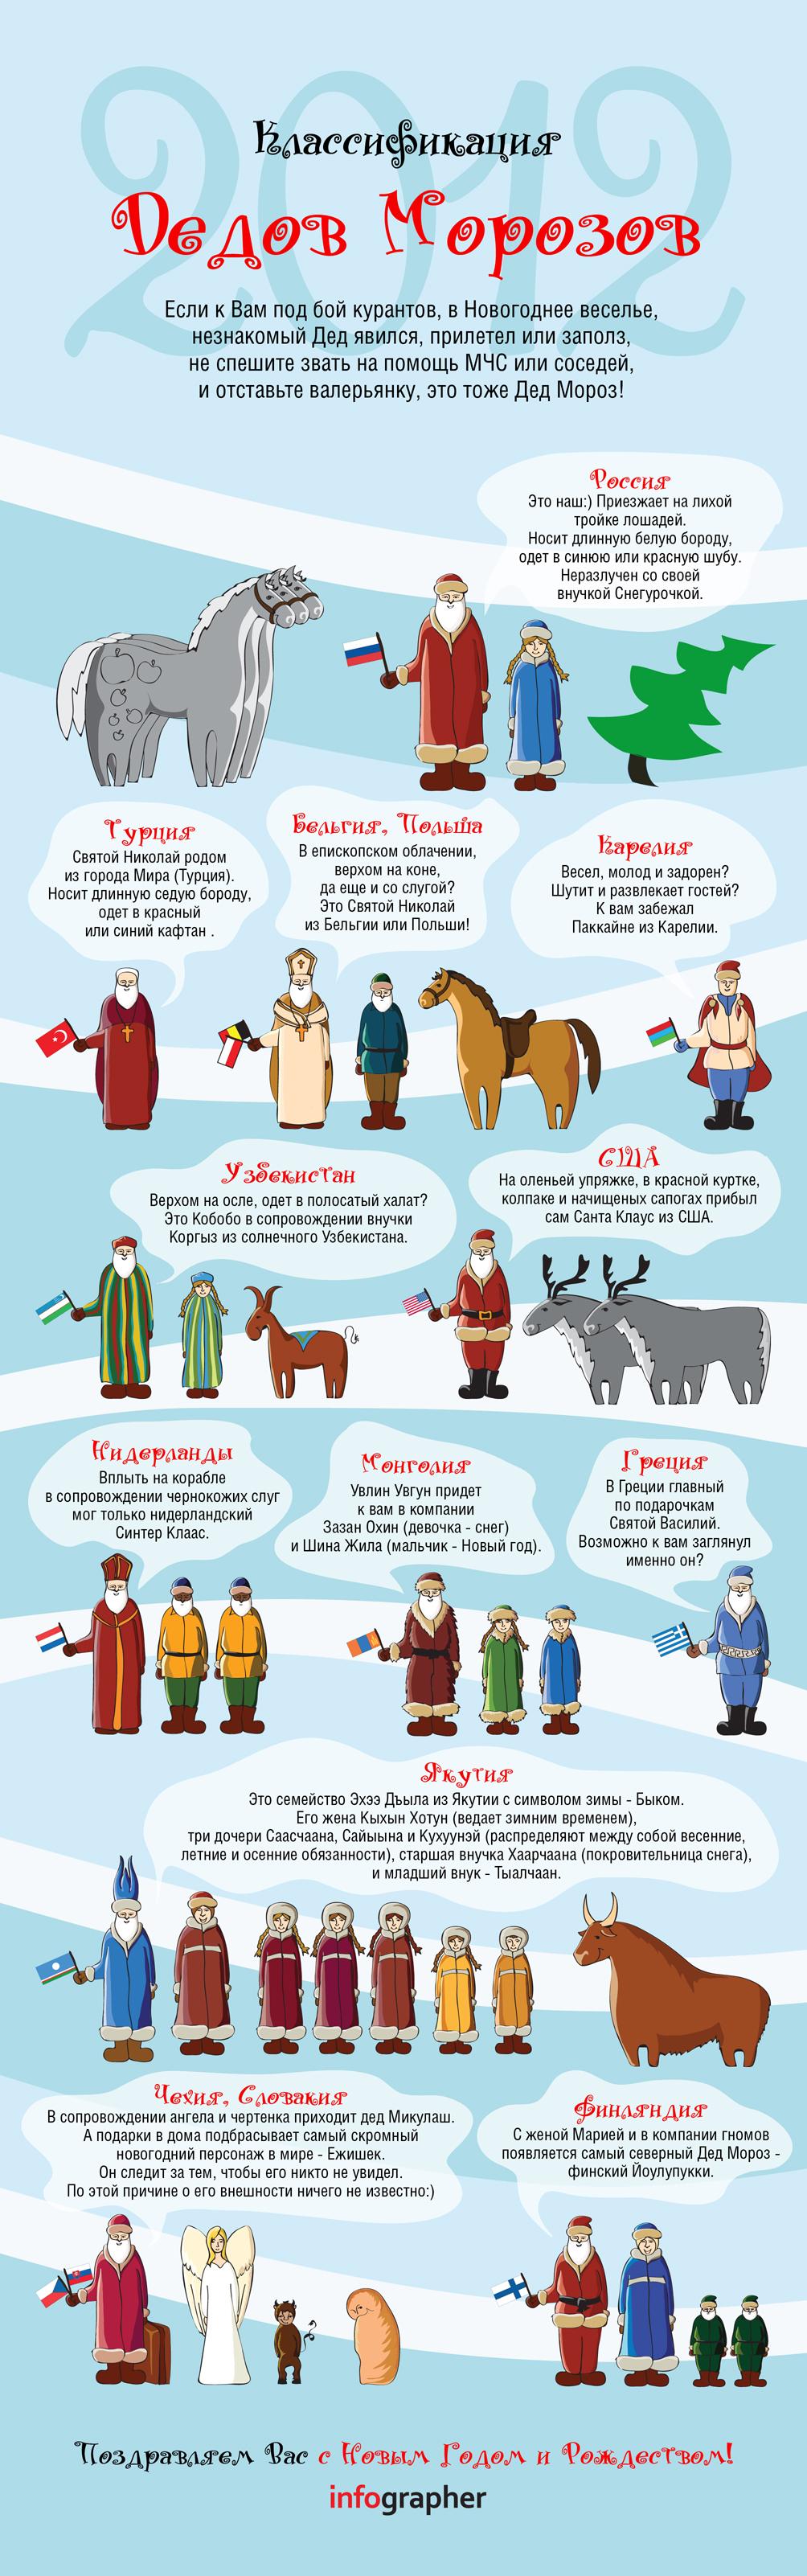 Советы для подготовки к новому году